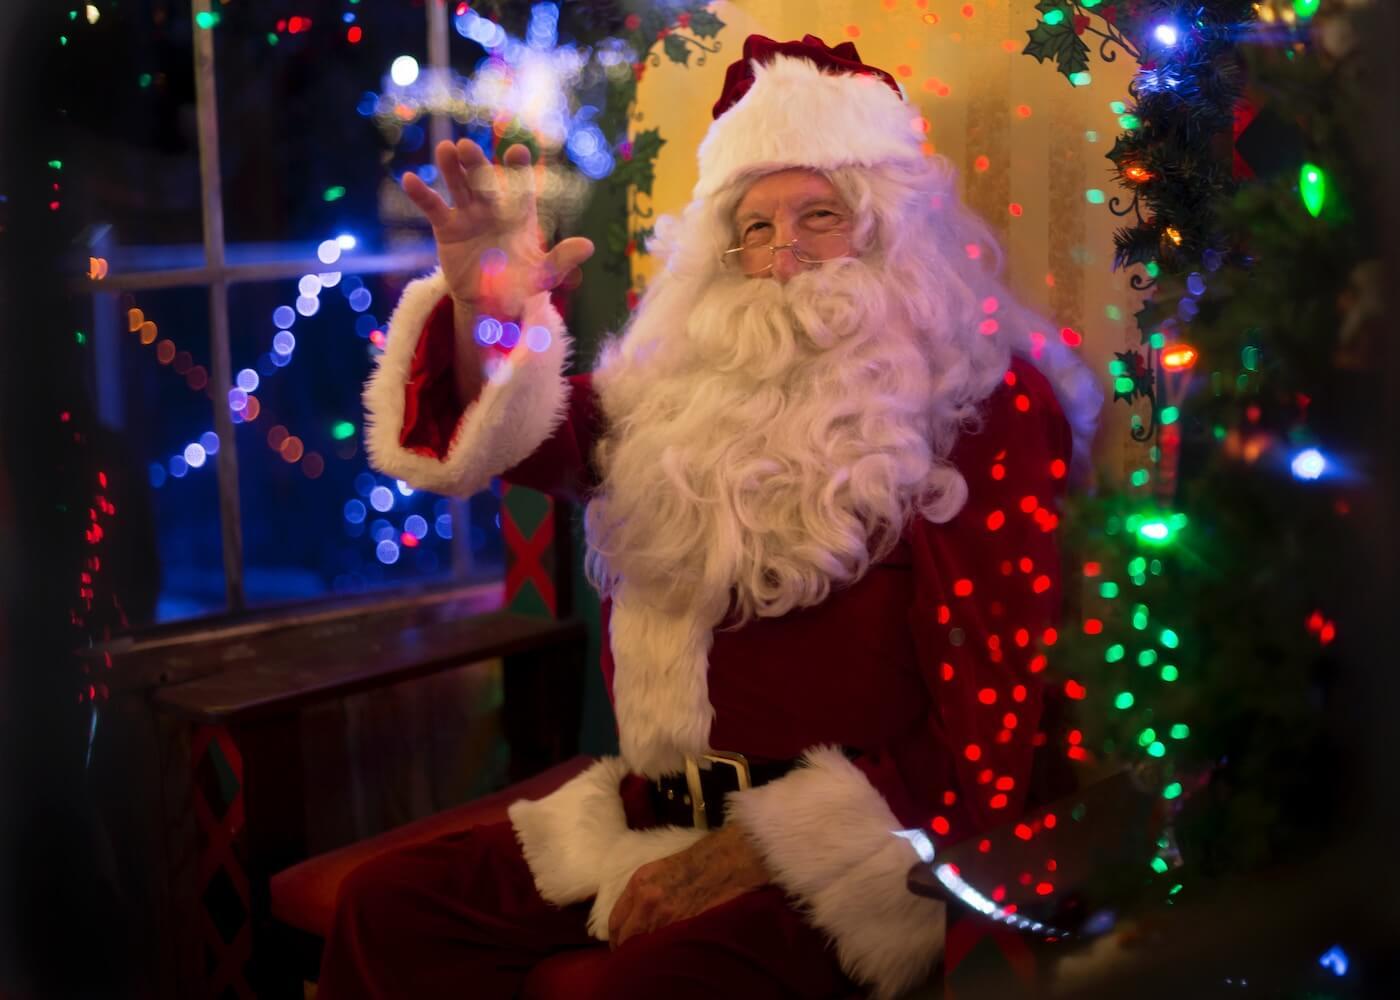 Photo of Santa waving